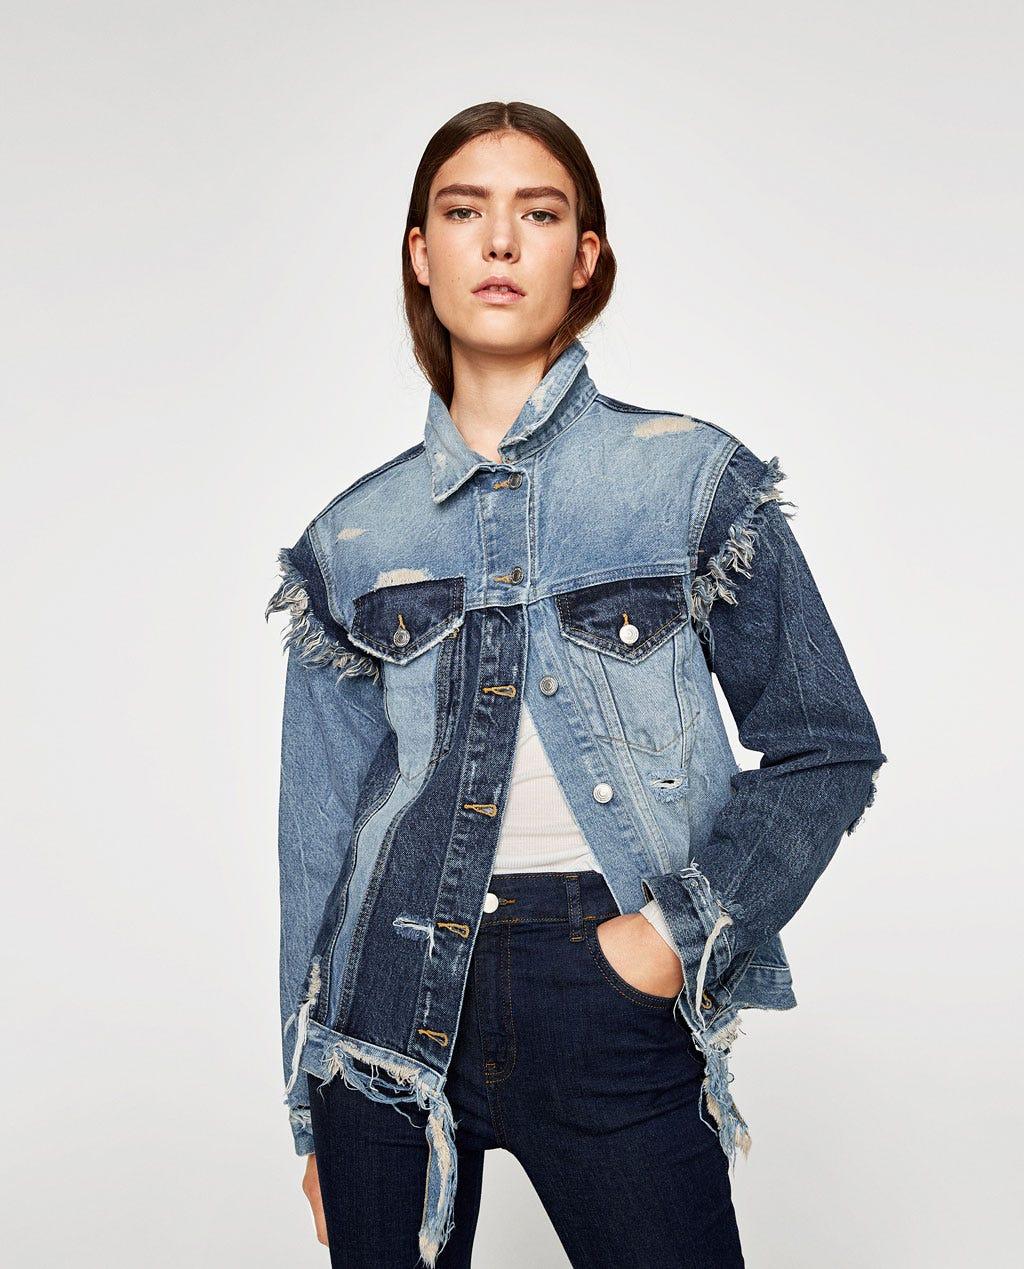 49b6b5d2 Fall 2017 New Denim Trends Best Jeans Styles